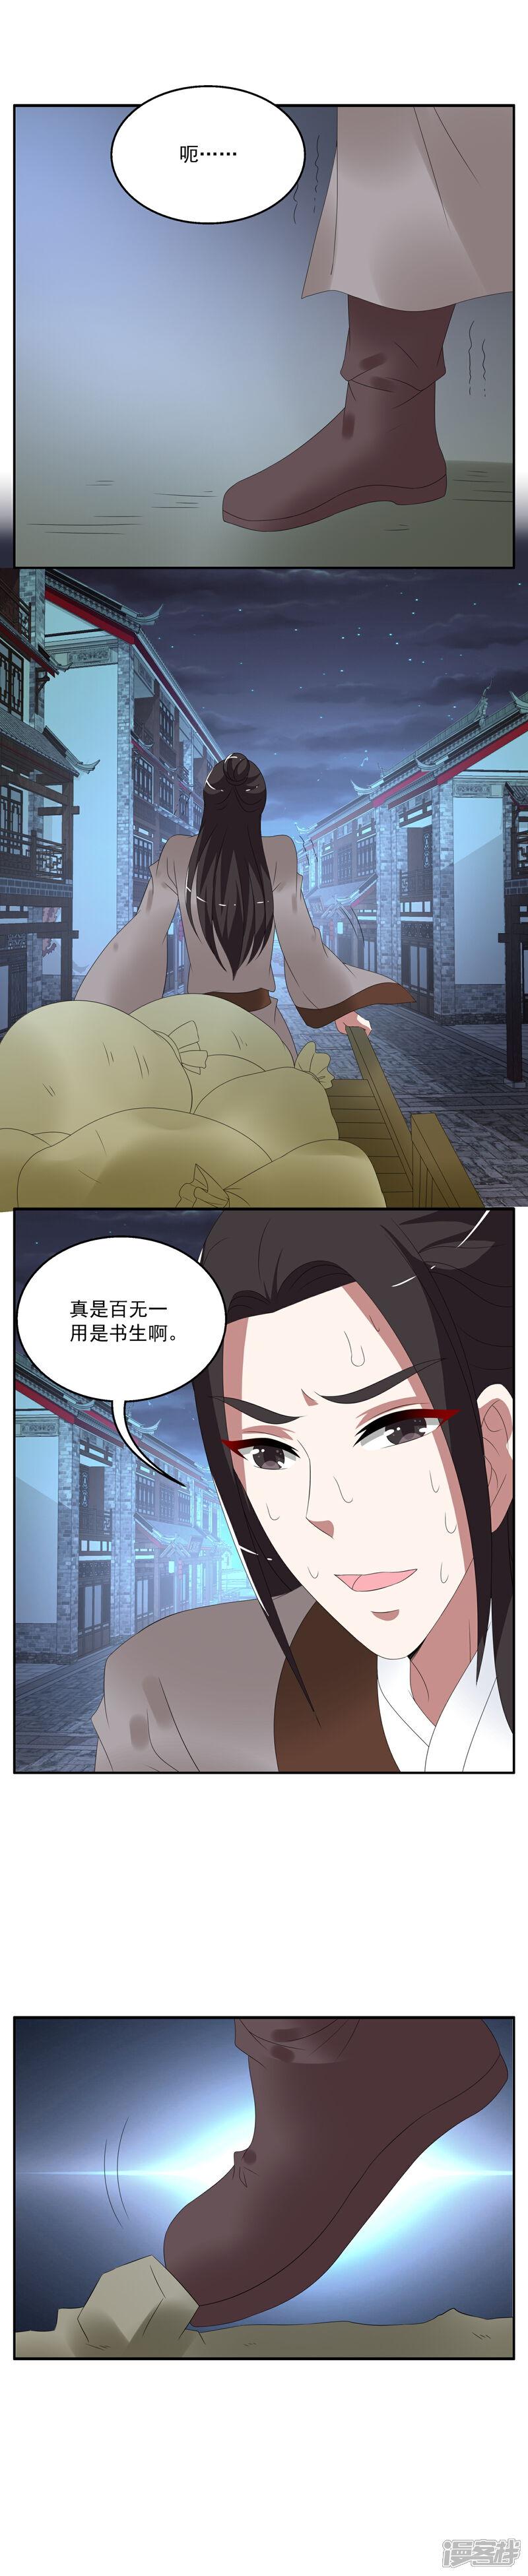 洛小妖157 (2).JPG